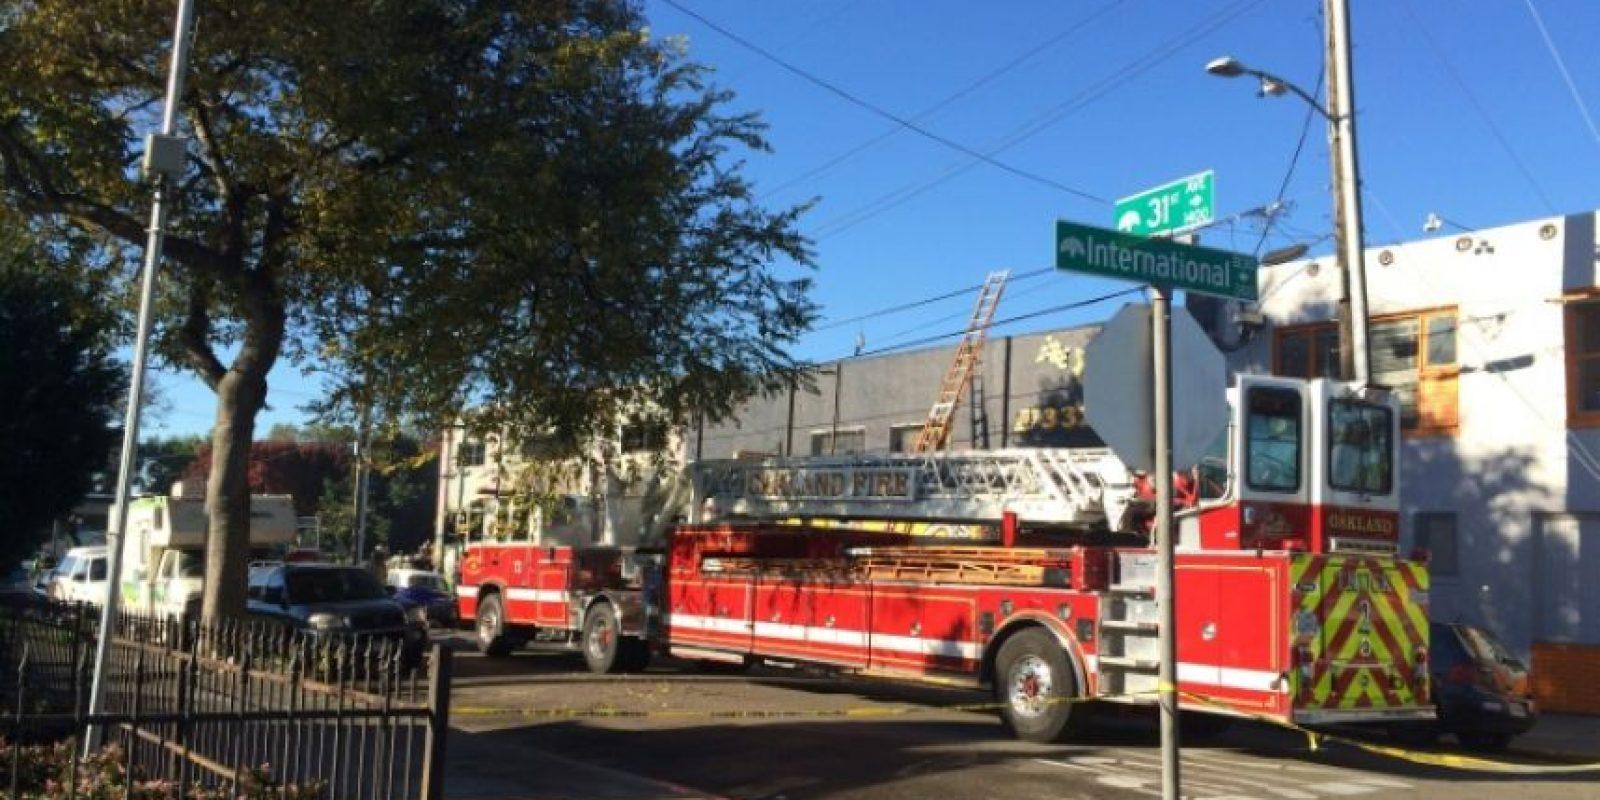 Bomberos de Oakland, en California, inspeccionan el almacén en el que se registró un mortal incendio durante una fiesta, el 3 de diciembre de 2016 Foto:Virginie GOUBIER/afp.com